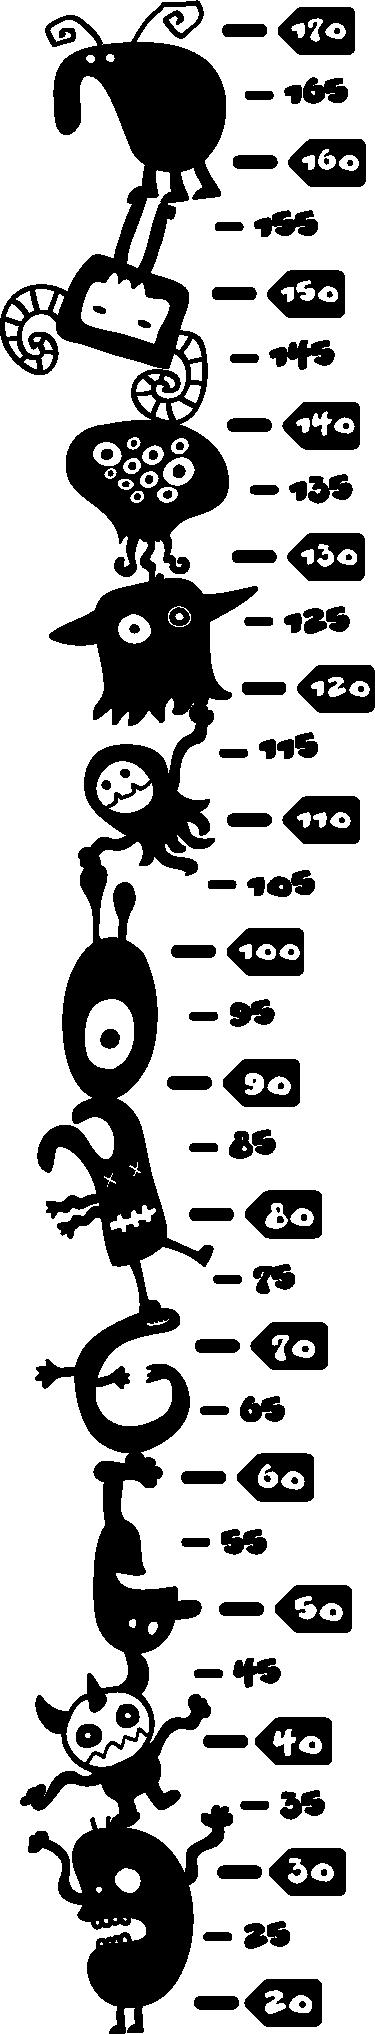 TenVinilo. Vinilo medidor alienígenas equilibristas. Vinilo medidor con formado por un conjunto de alienígenas amontonados haciendo equilibrios y la medida en centímetros a su lado.